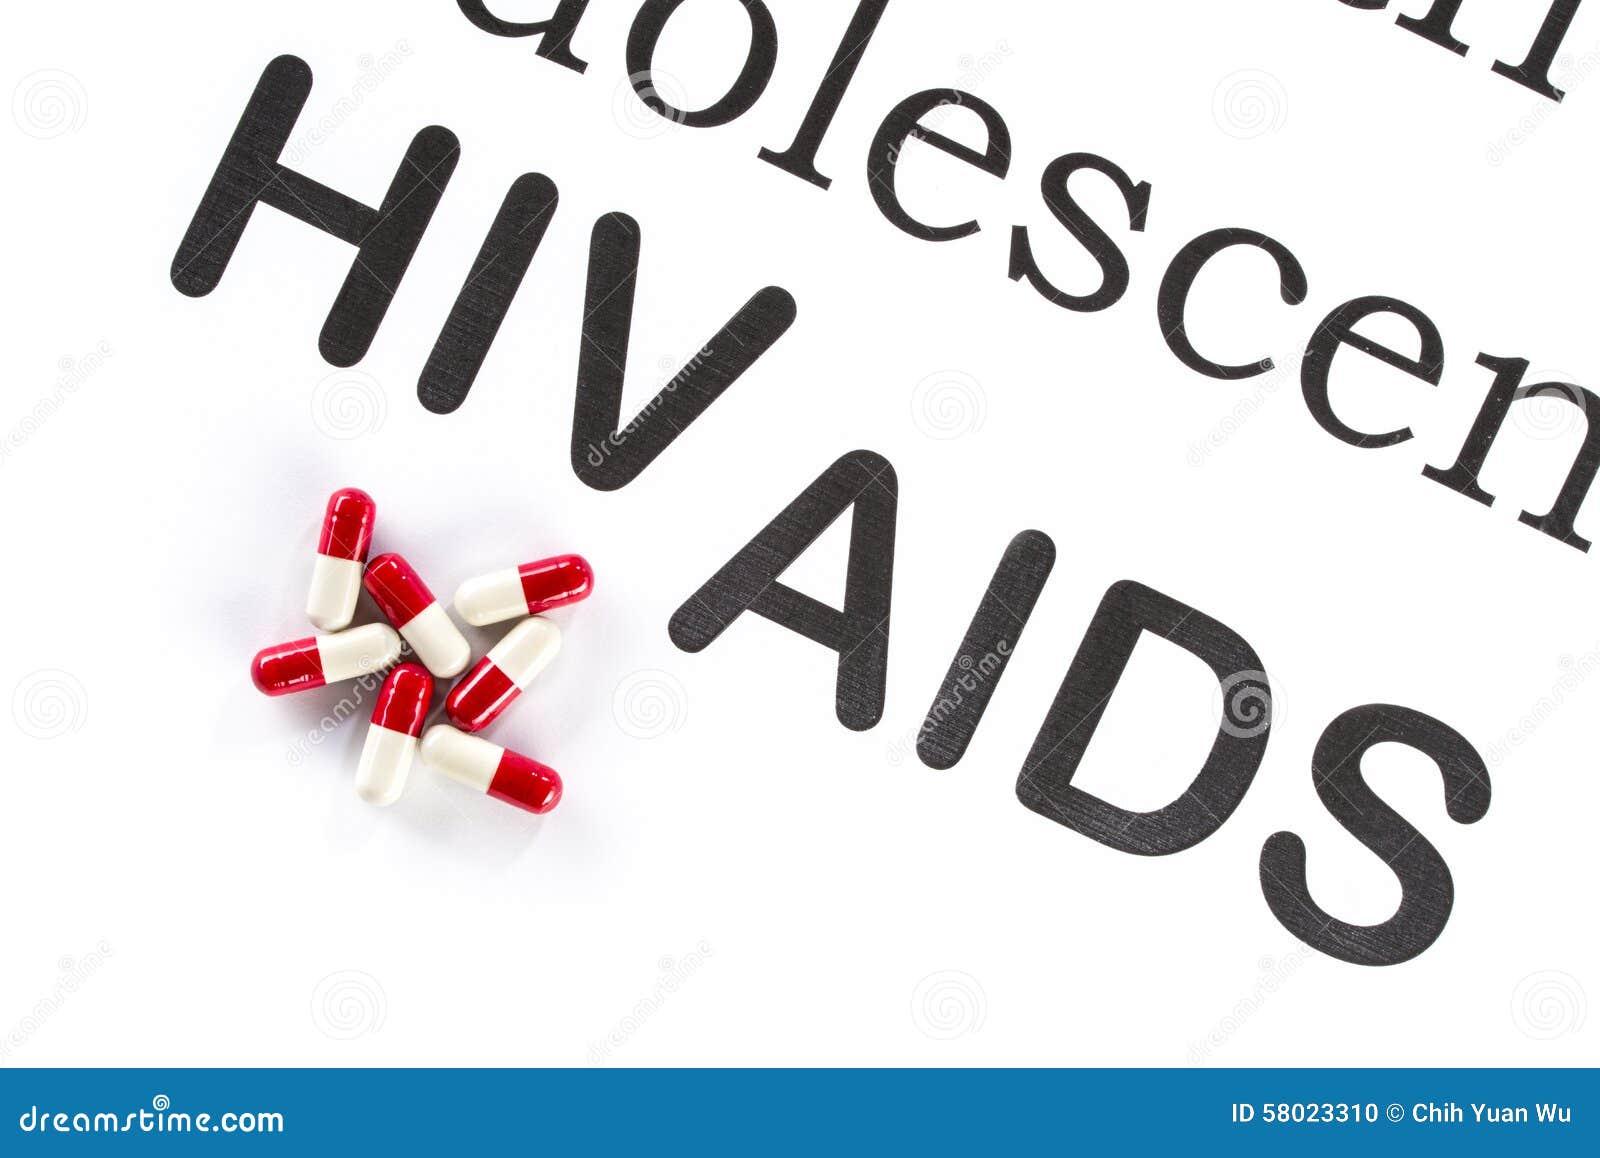 Reproduktiv hälsa av tonåringen, HJÄLPMEDEL, HIV, läkarbehandlingsicknes